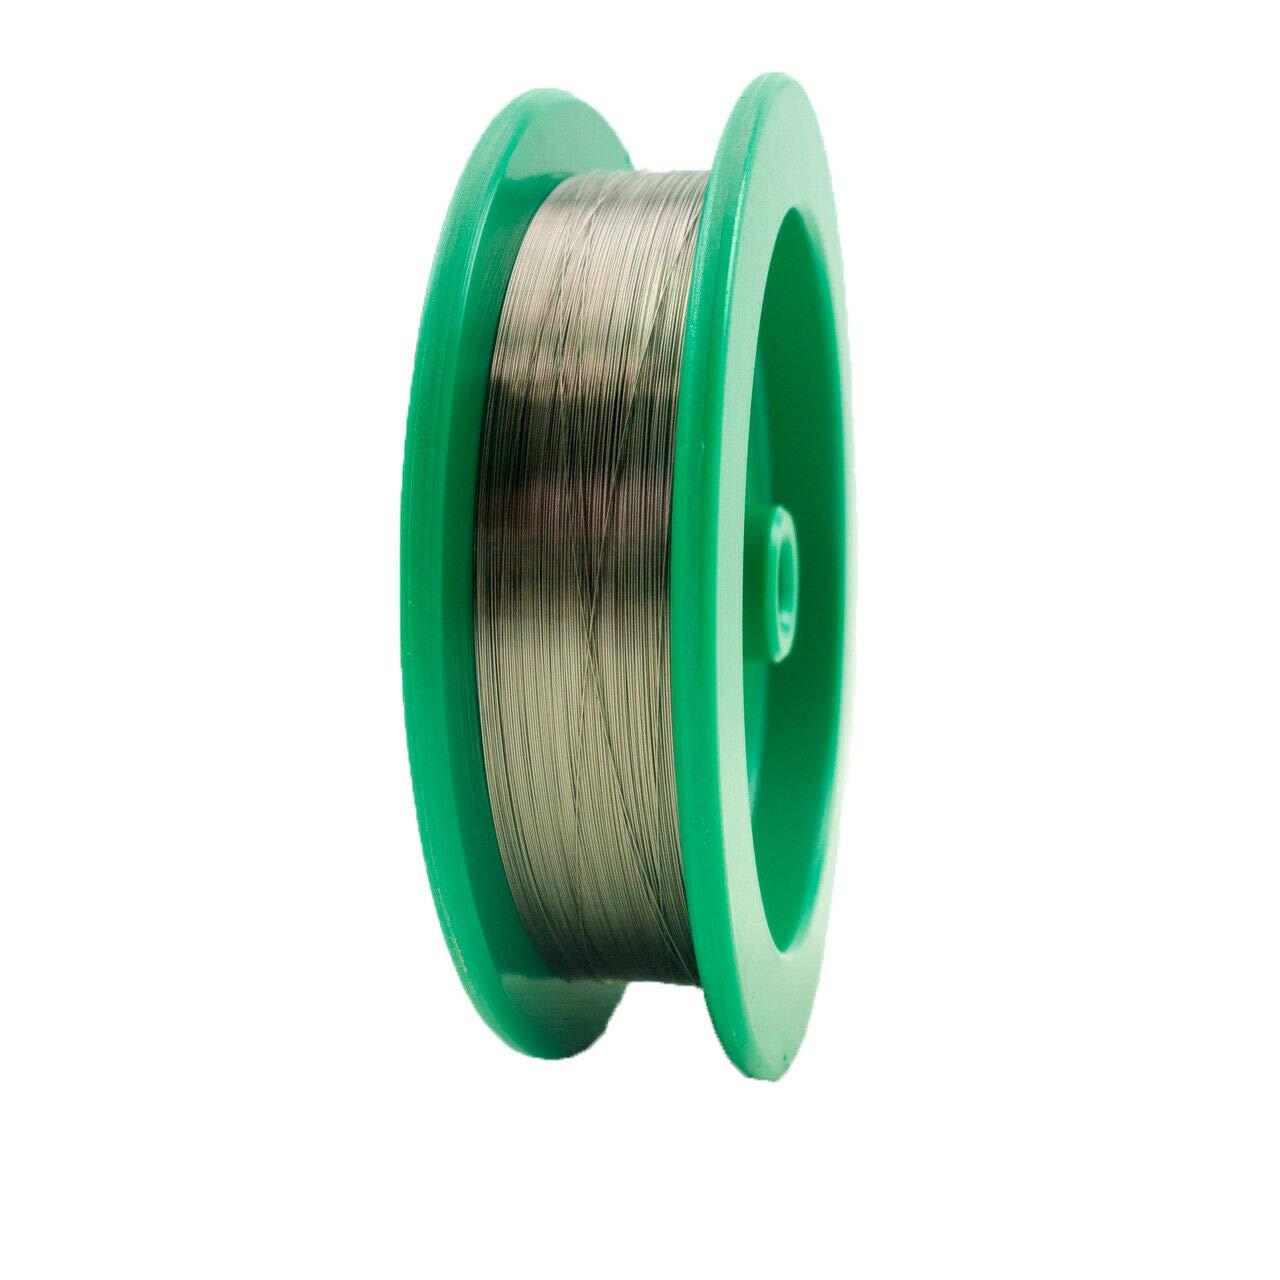 1 Pc of Tungsten Max 46% OFF Fine Credence Wire 0.005